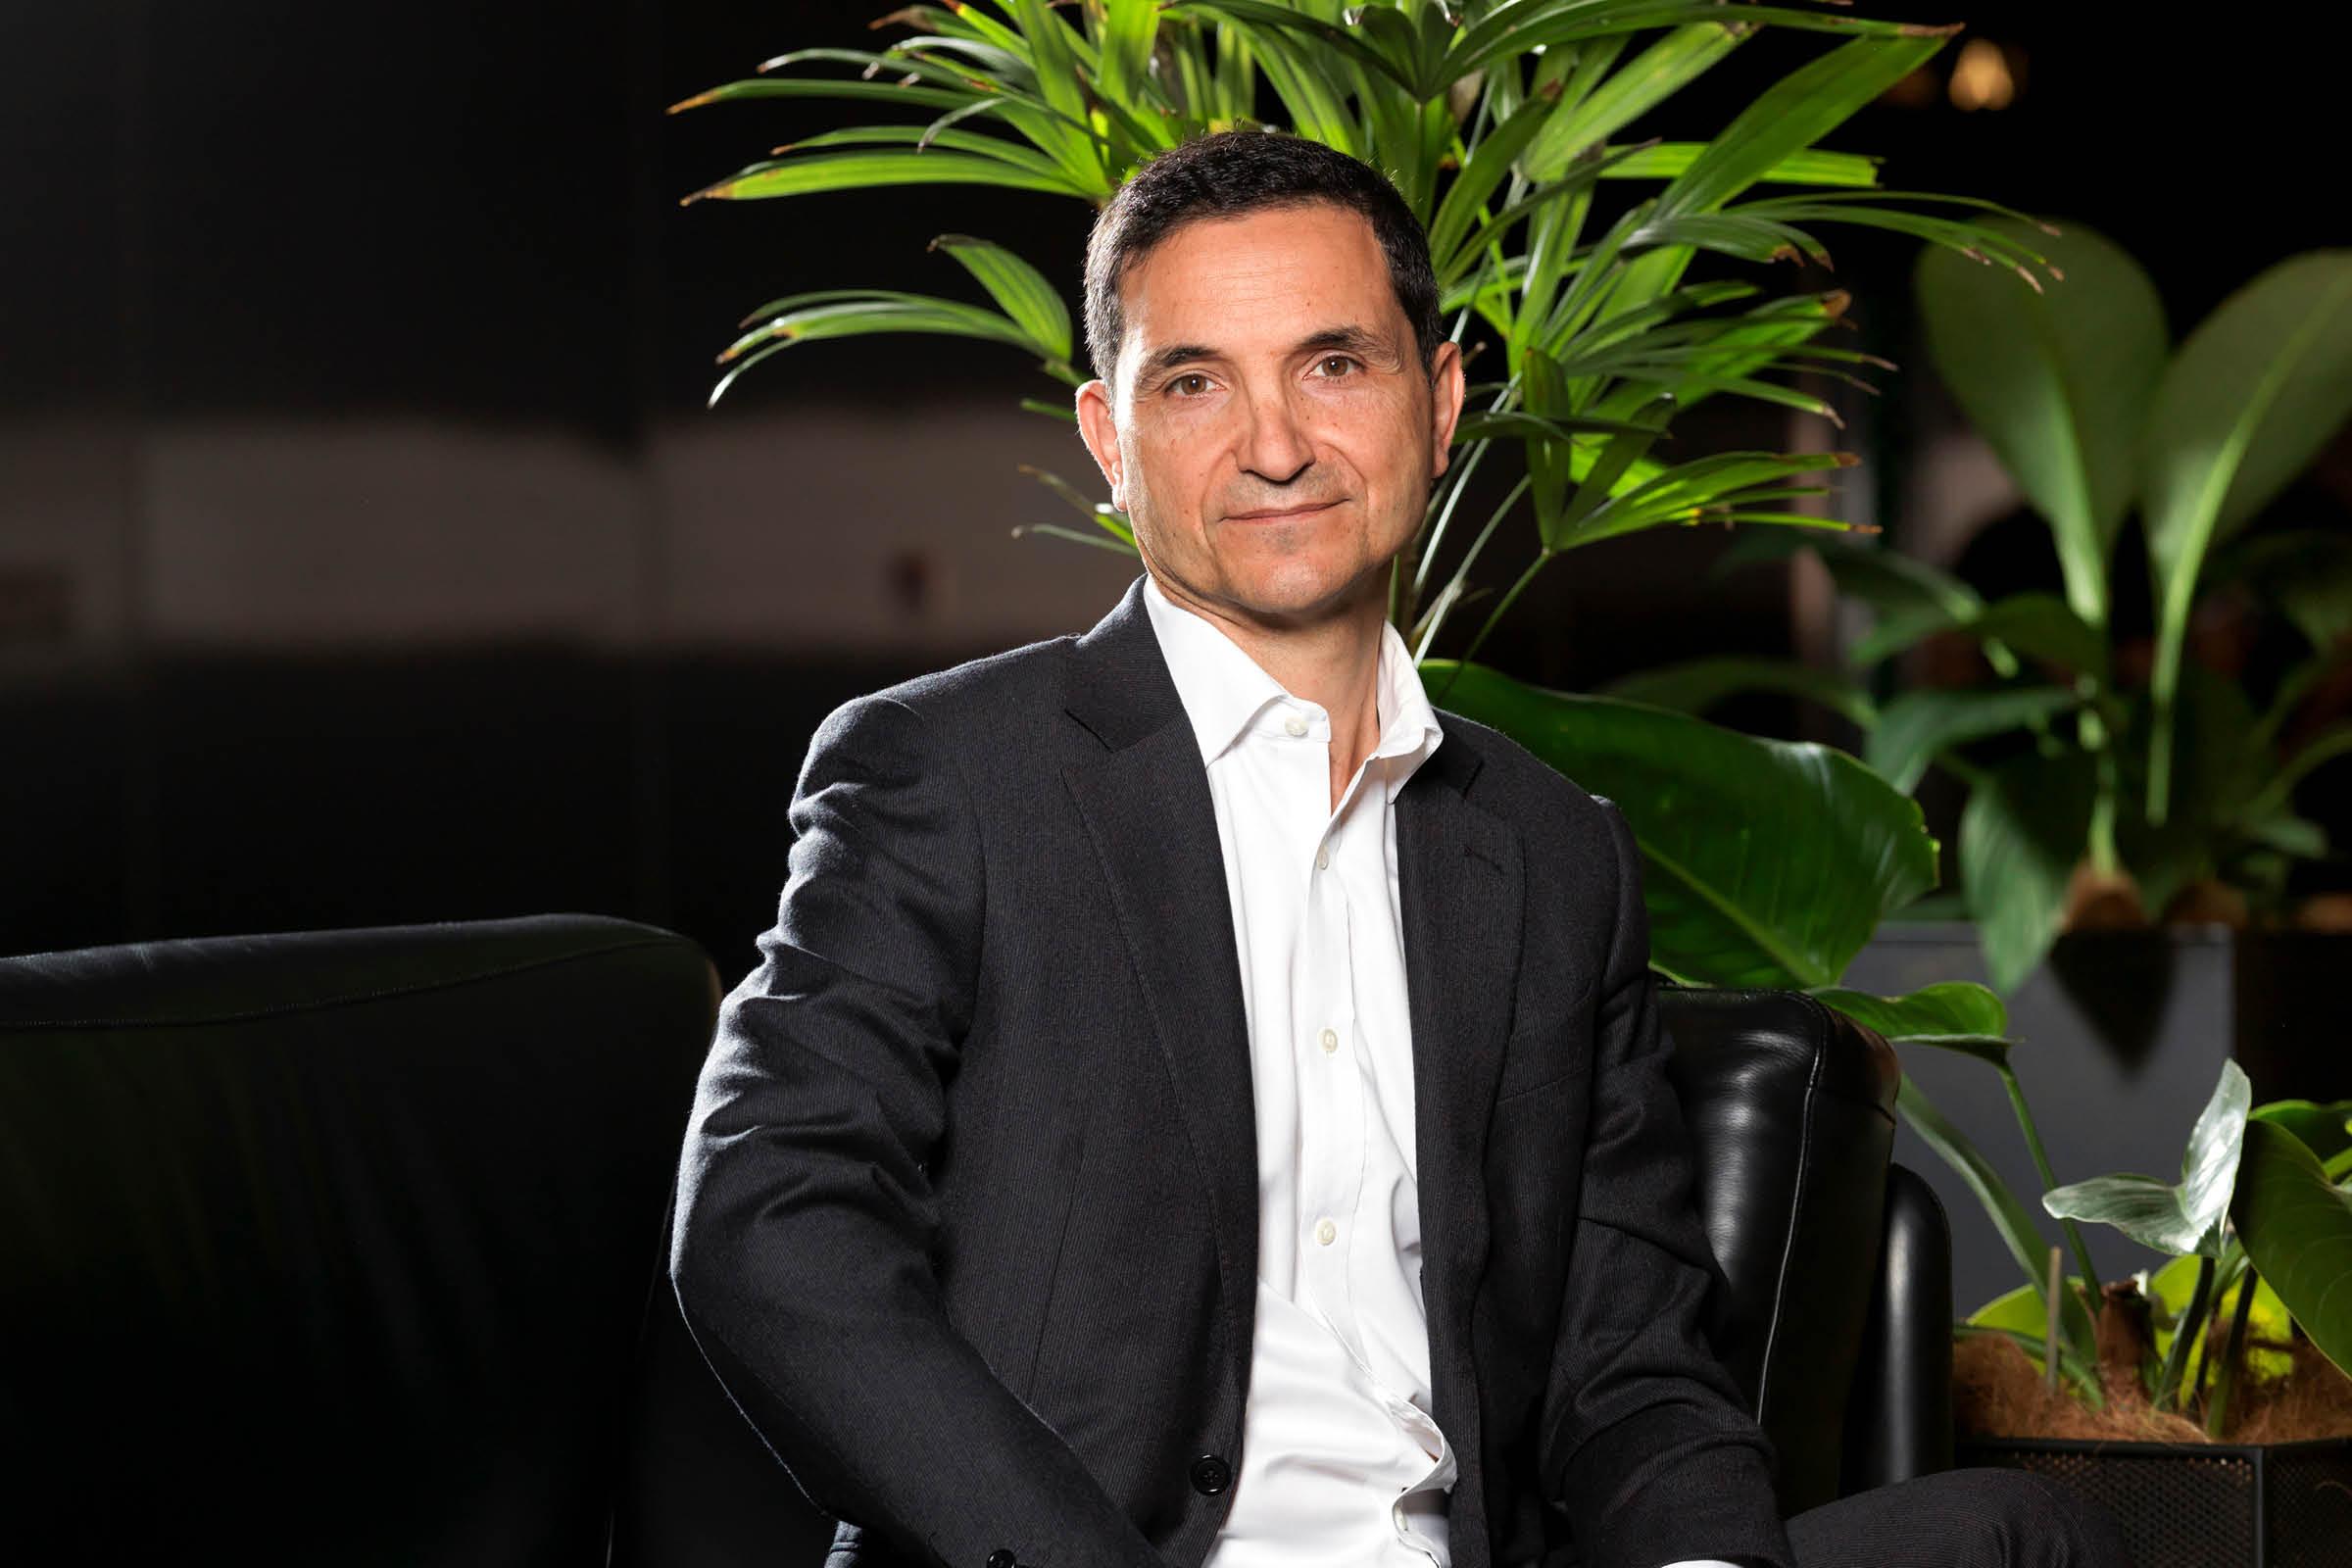 Michael Ohanessian, Managing Director of Praemium